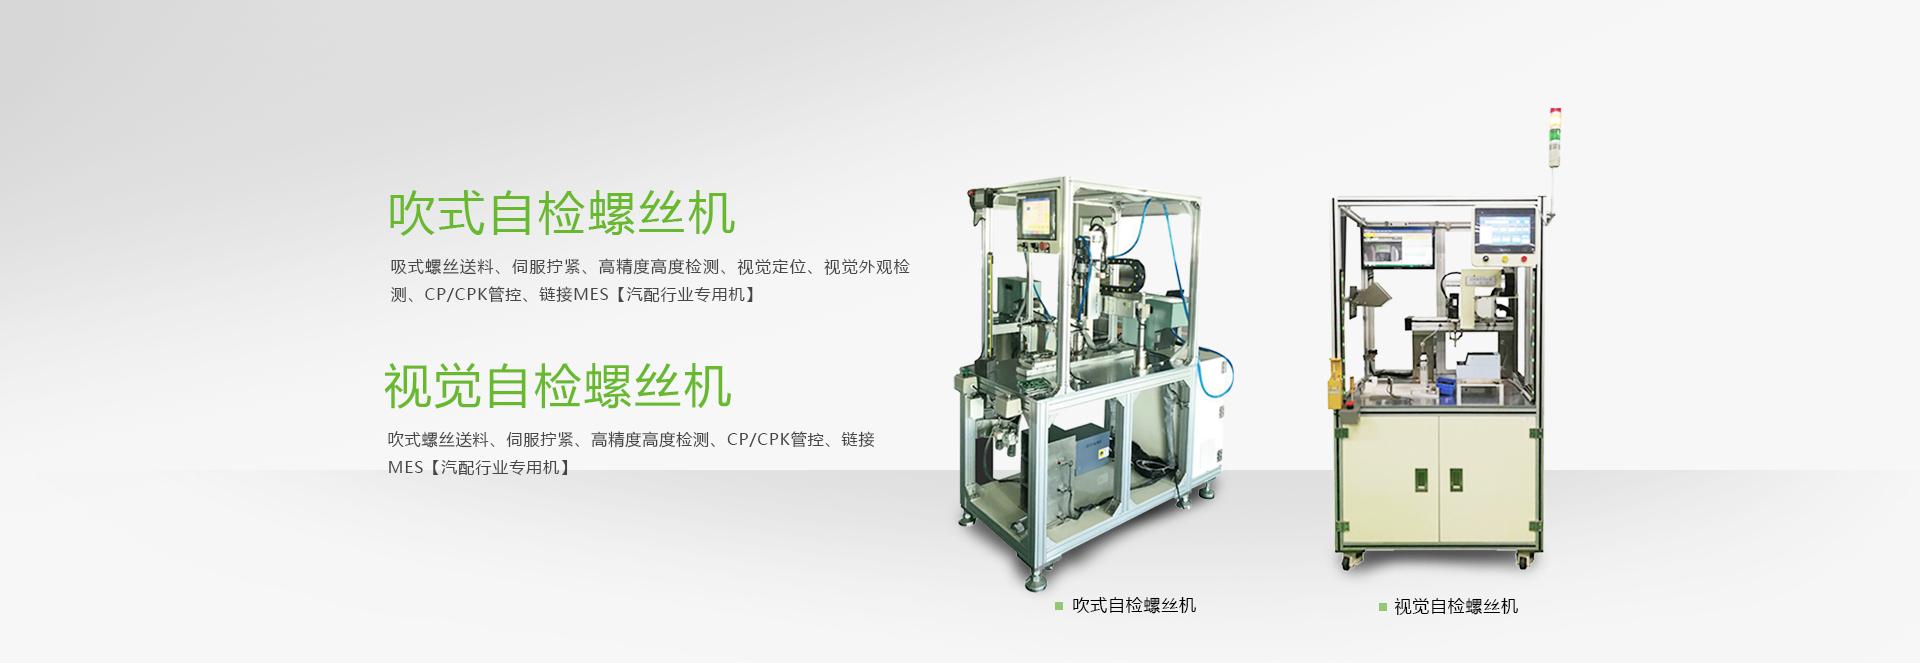 视觉焊锡机